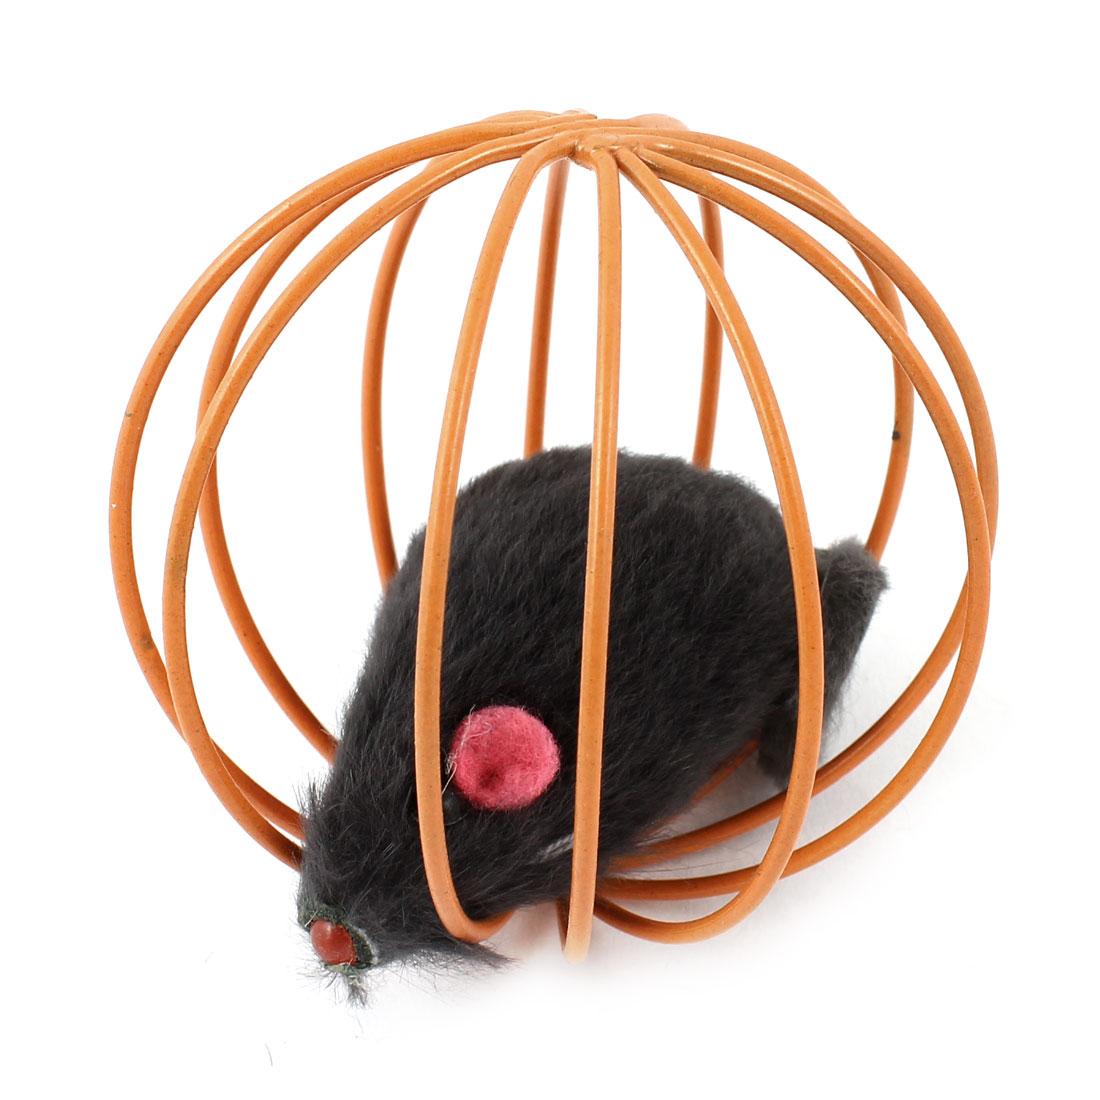 Gray Plush Emulational Mice Orange Metal Cage Dog Cat Pet Toy